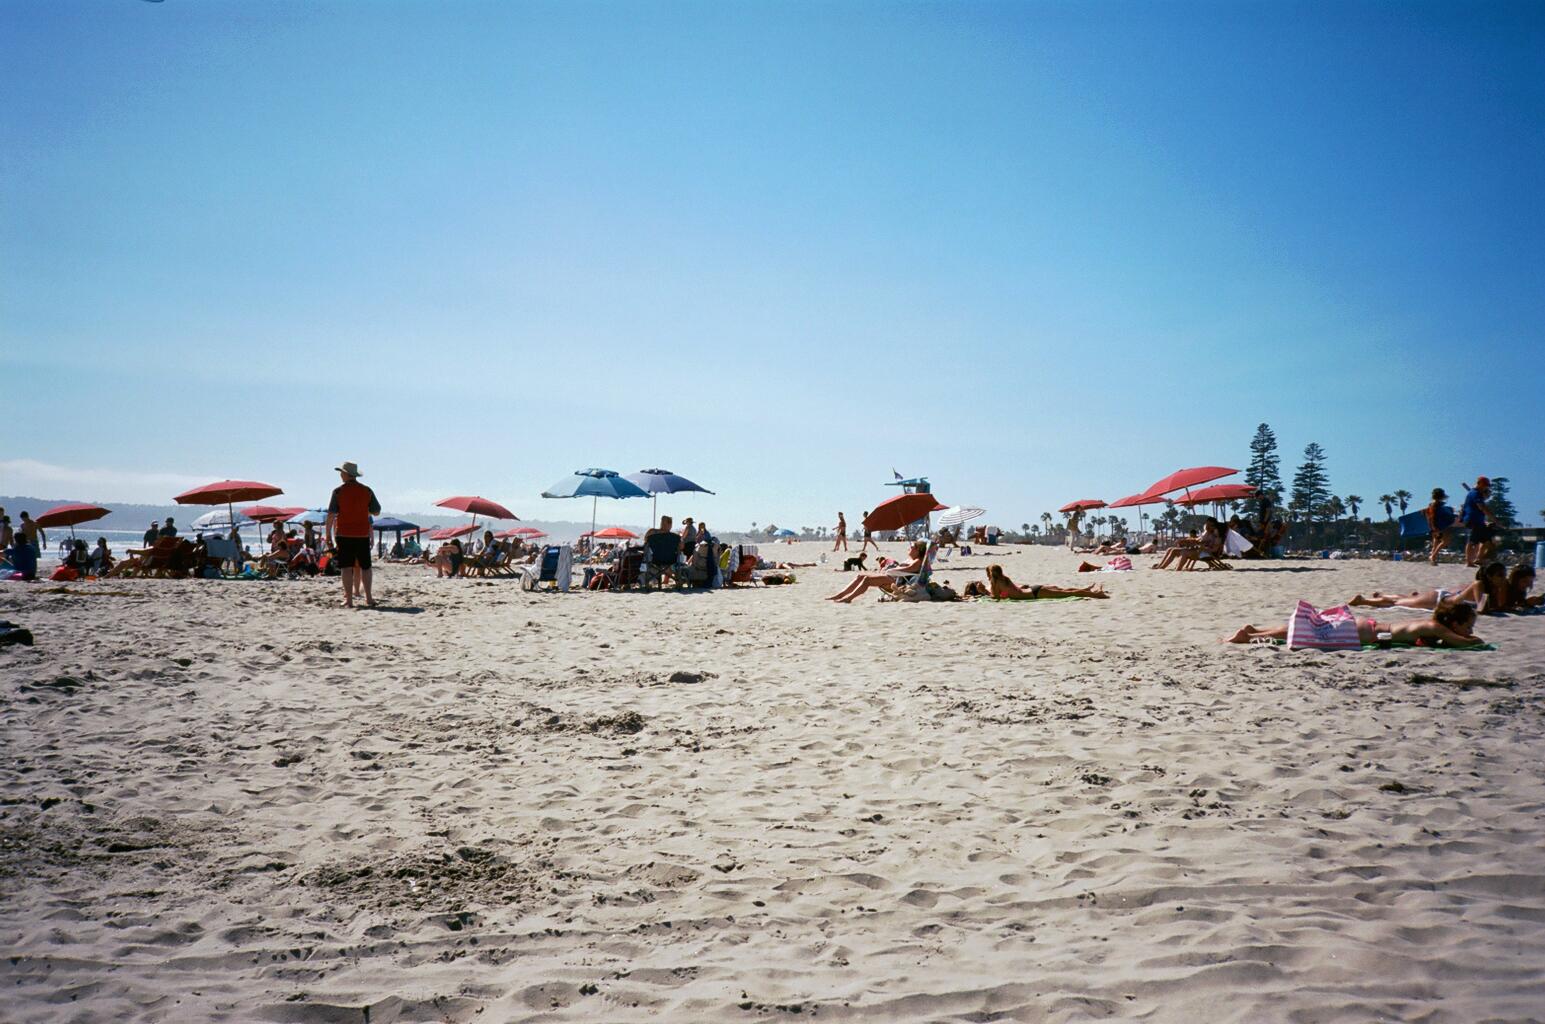 At The Beach Circa 2017